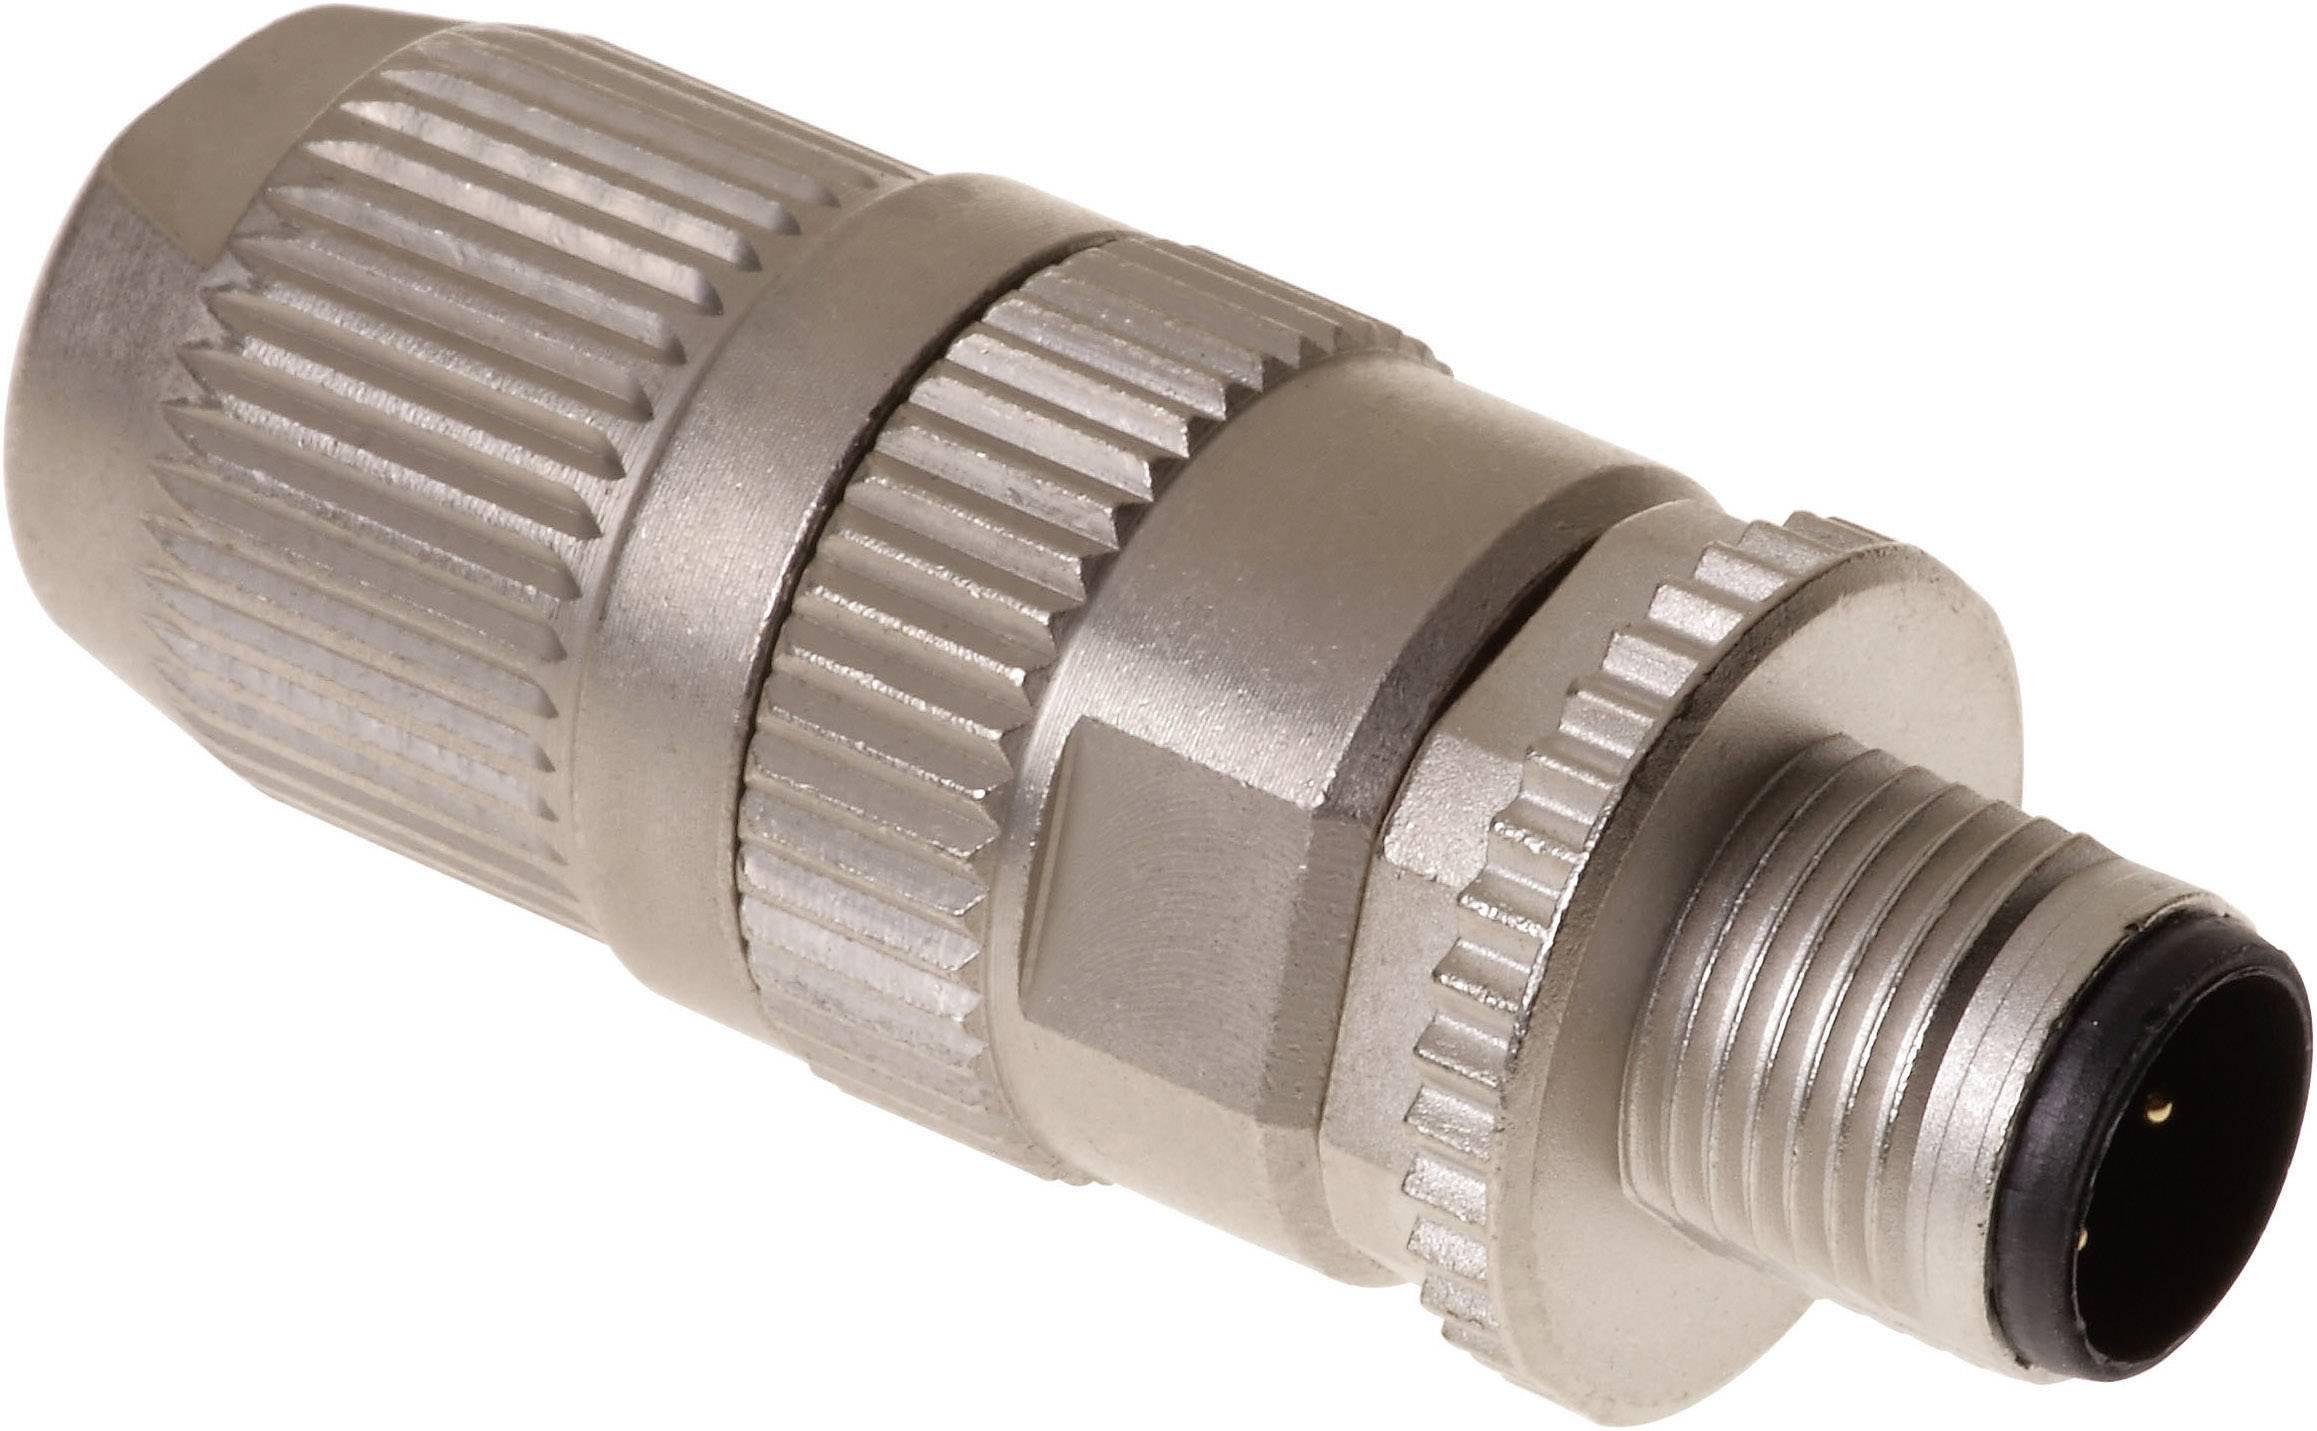 Neupravený zástrčkový konektor pre senzory - aktory Harting HARAX® M12-L 21 03 221 1405, 1 ks